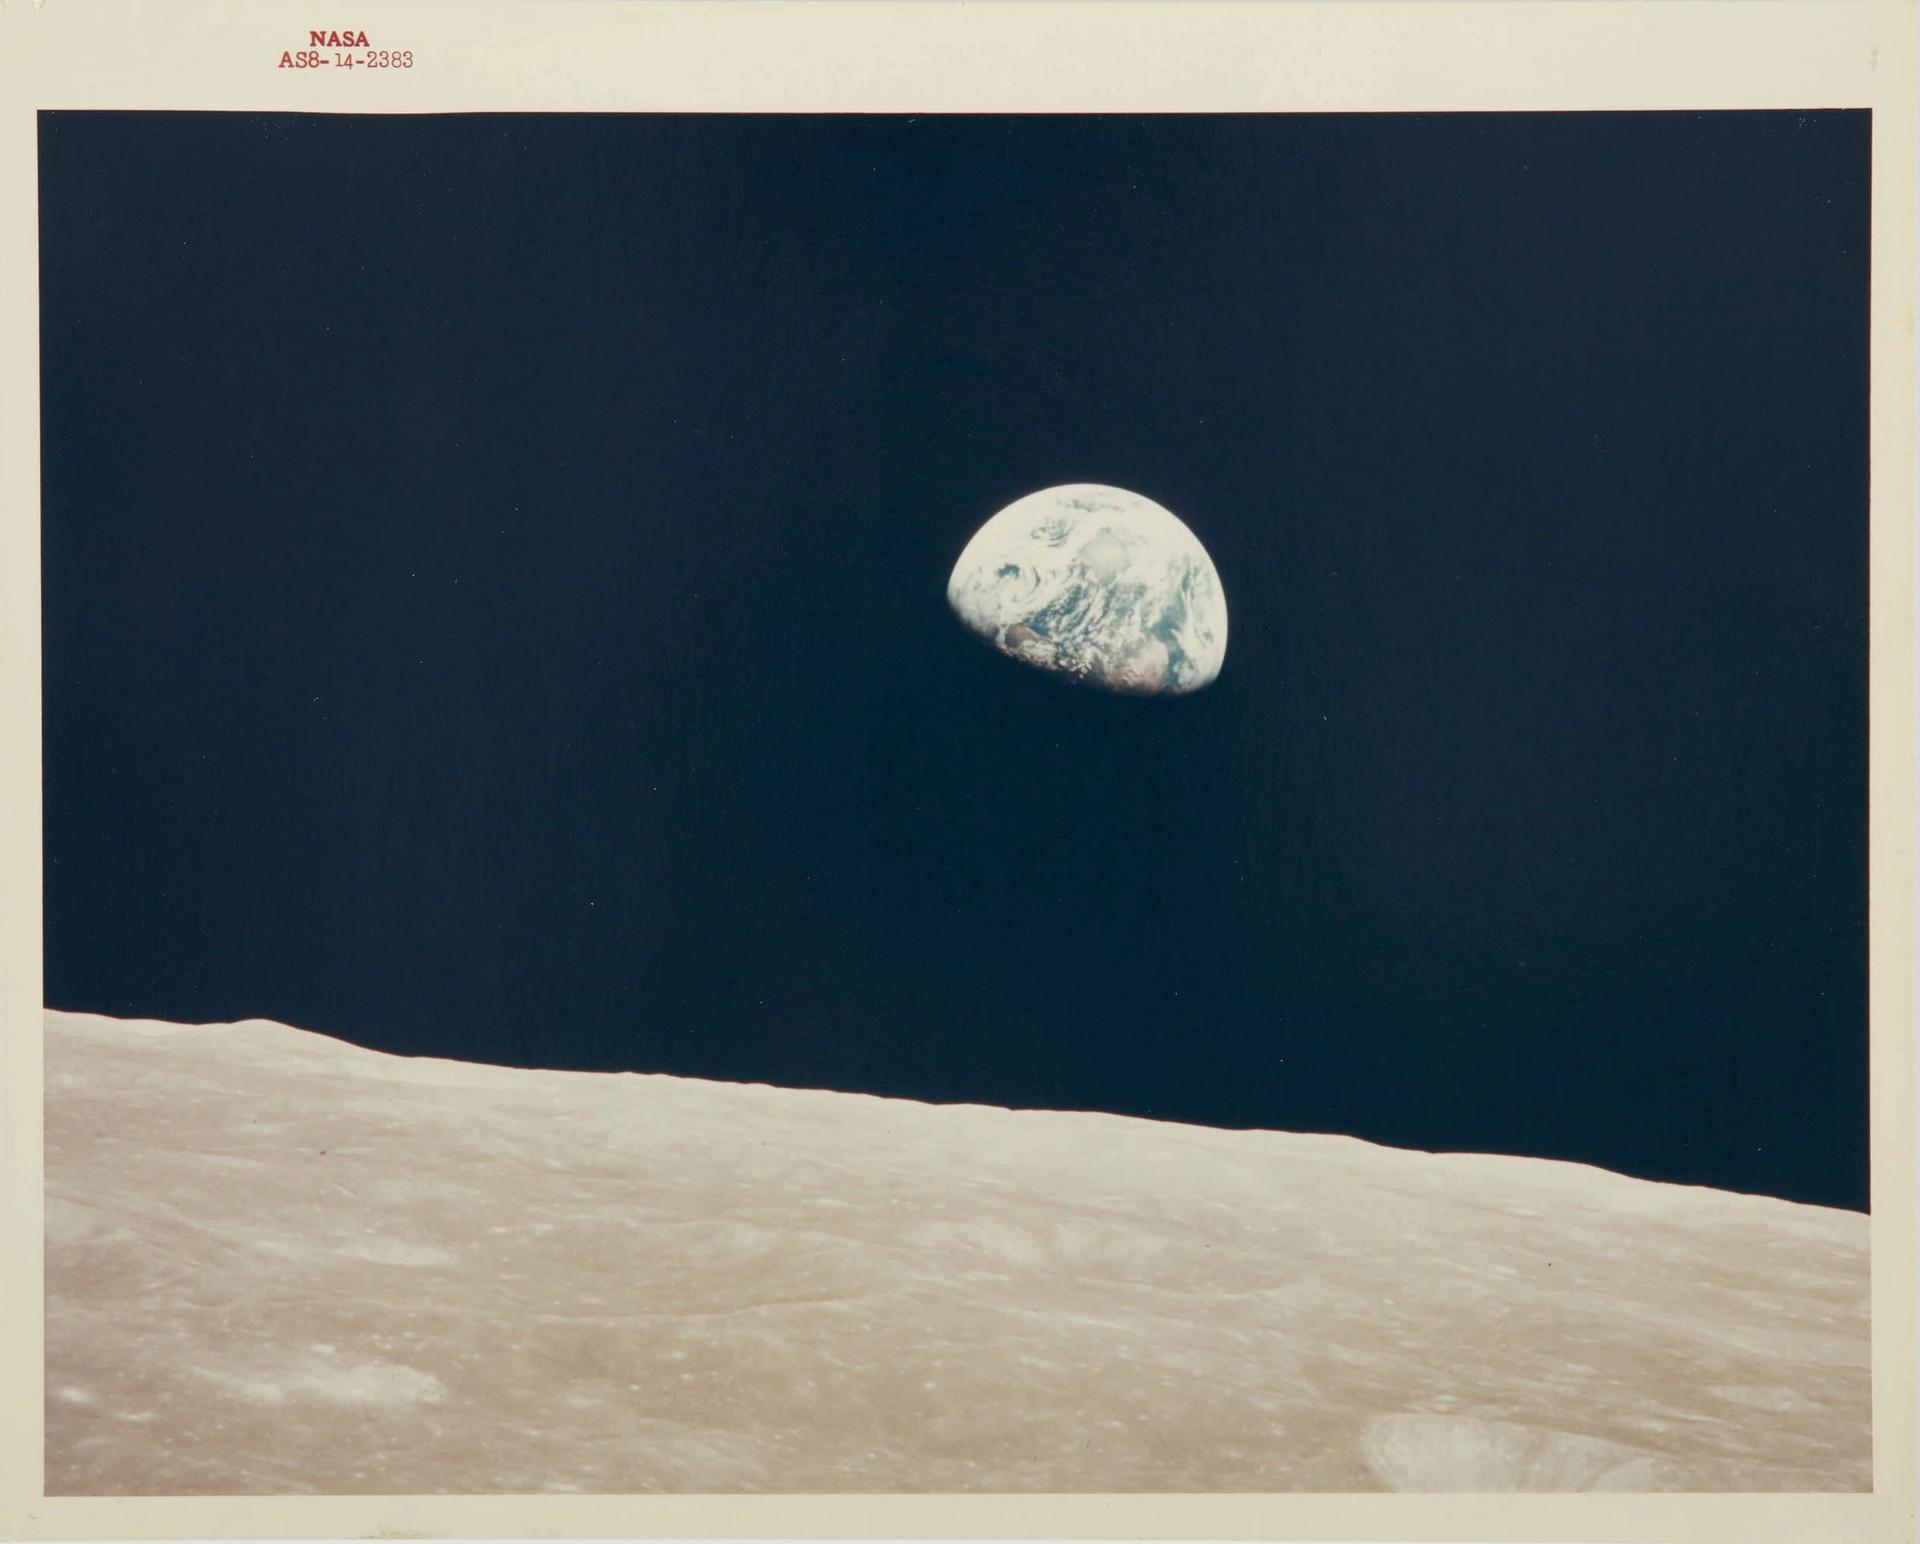 Earthrise, Vintage NASA Red Number Photograph, 24 December 1968, Estimate $3,000-$5,000